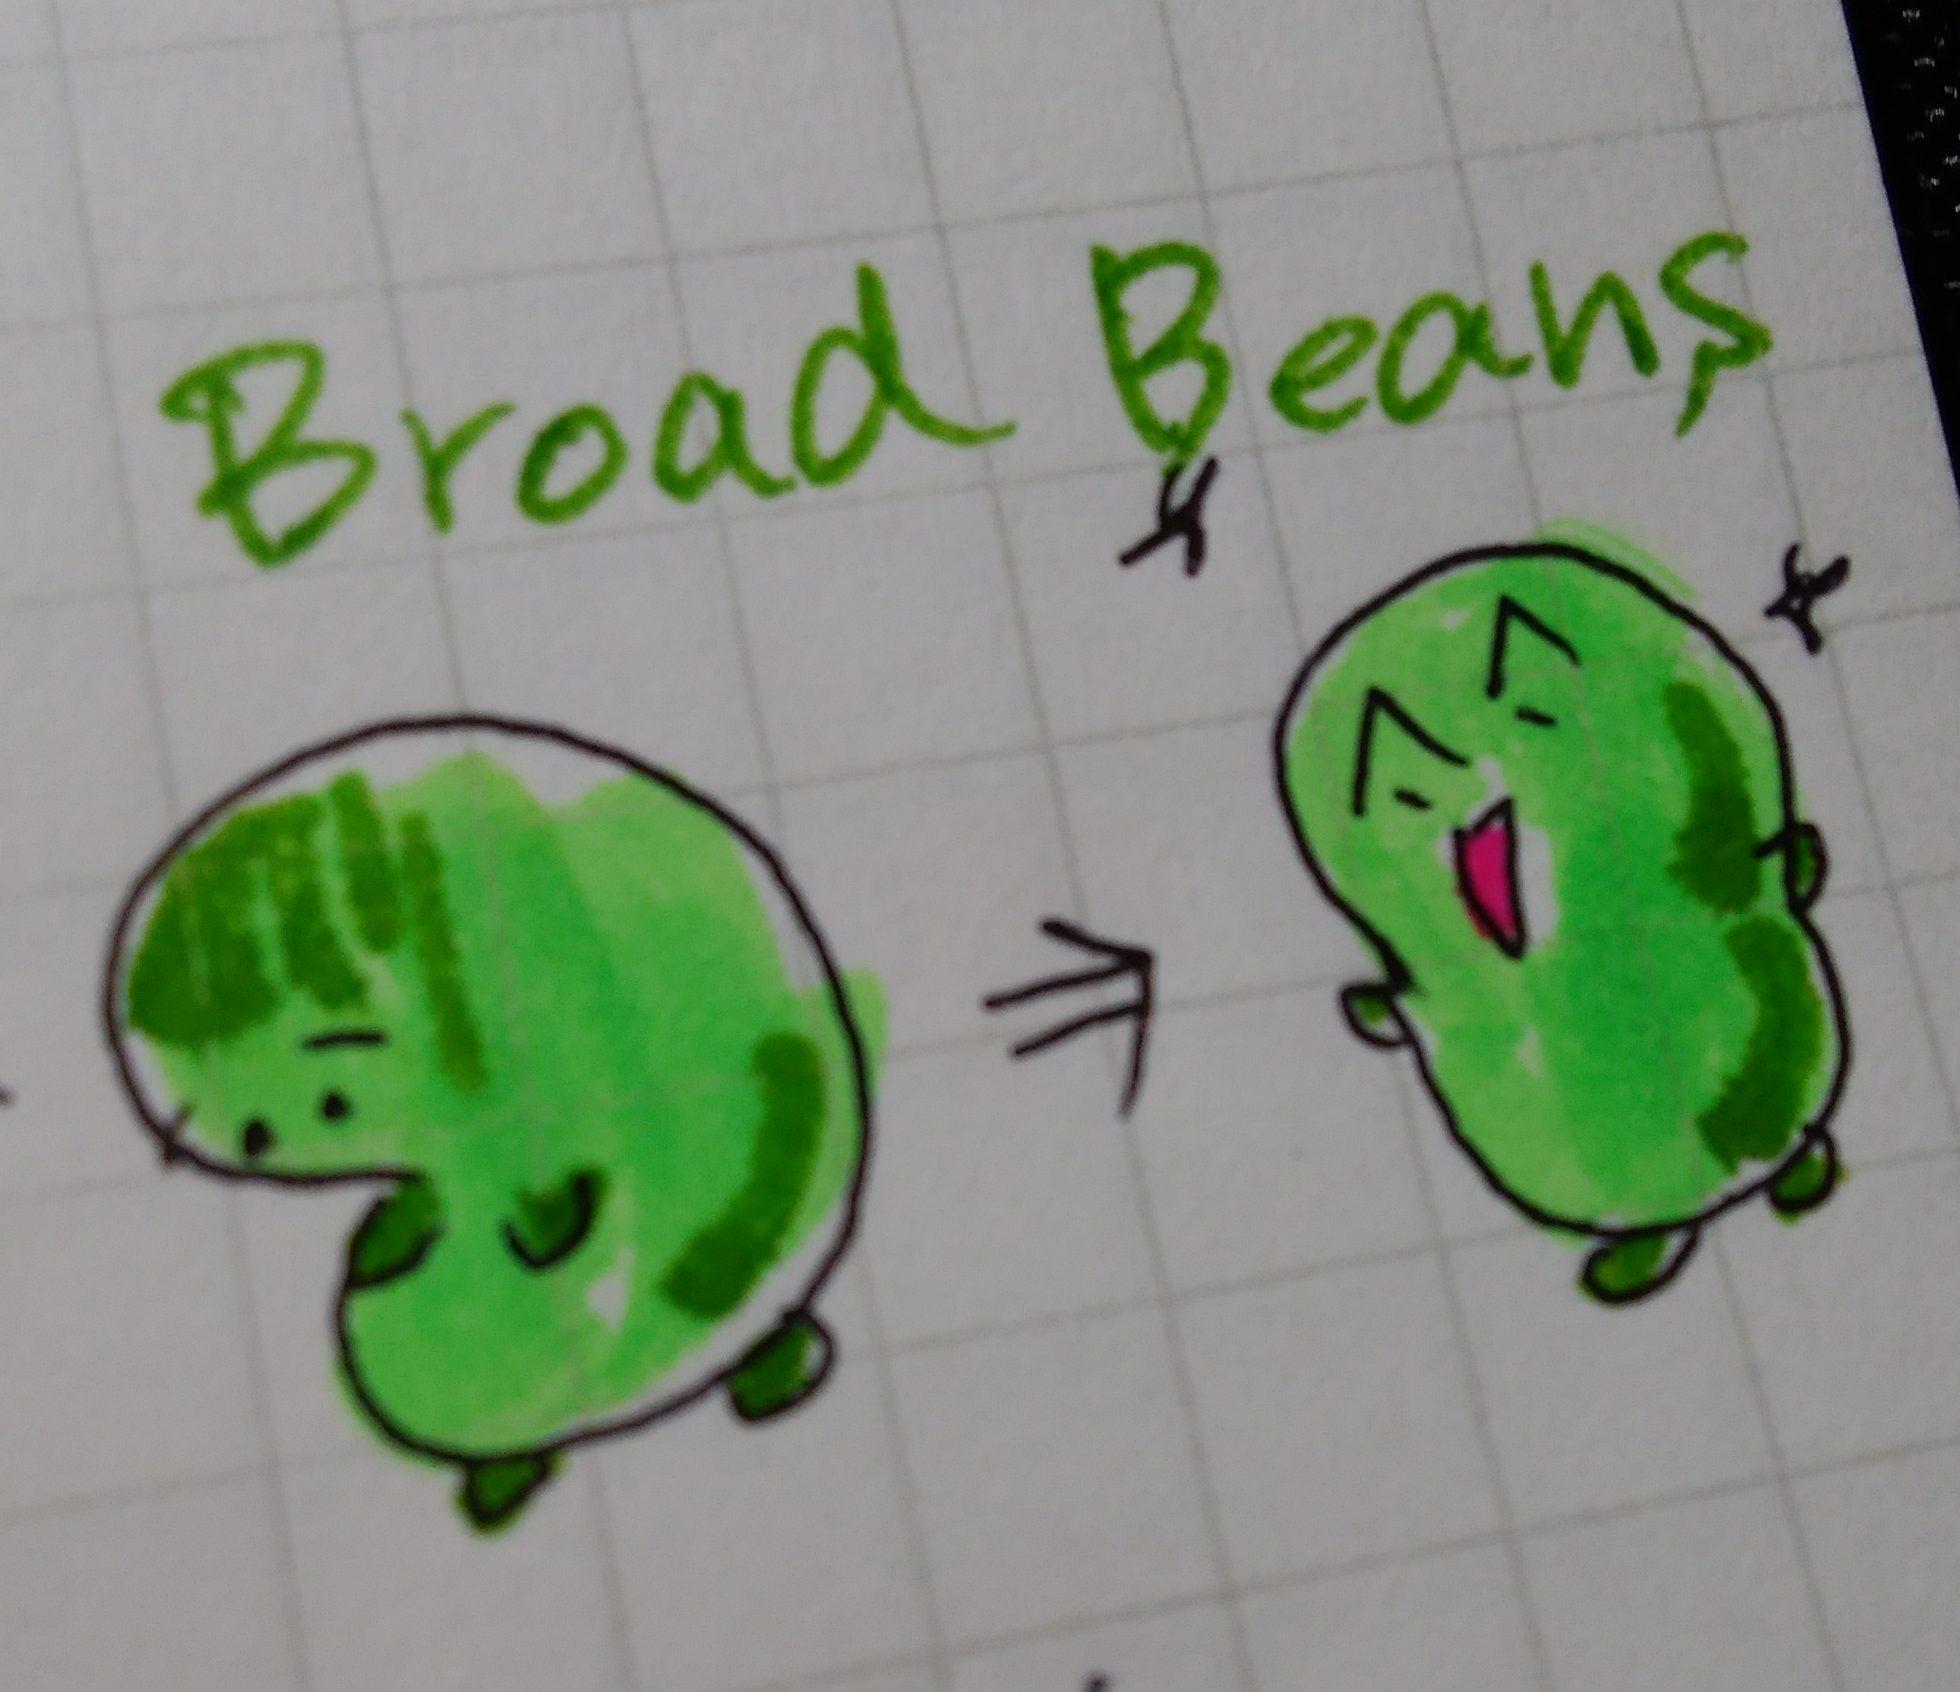 イラストで覚える英単語(1)そら豆=broad beans